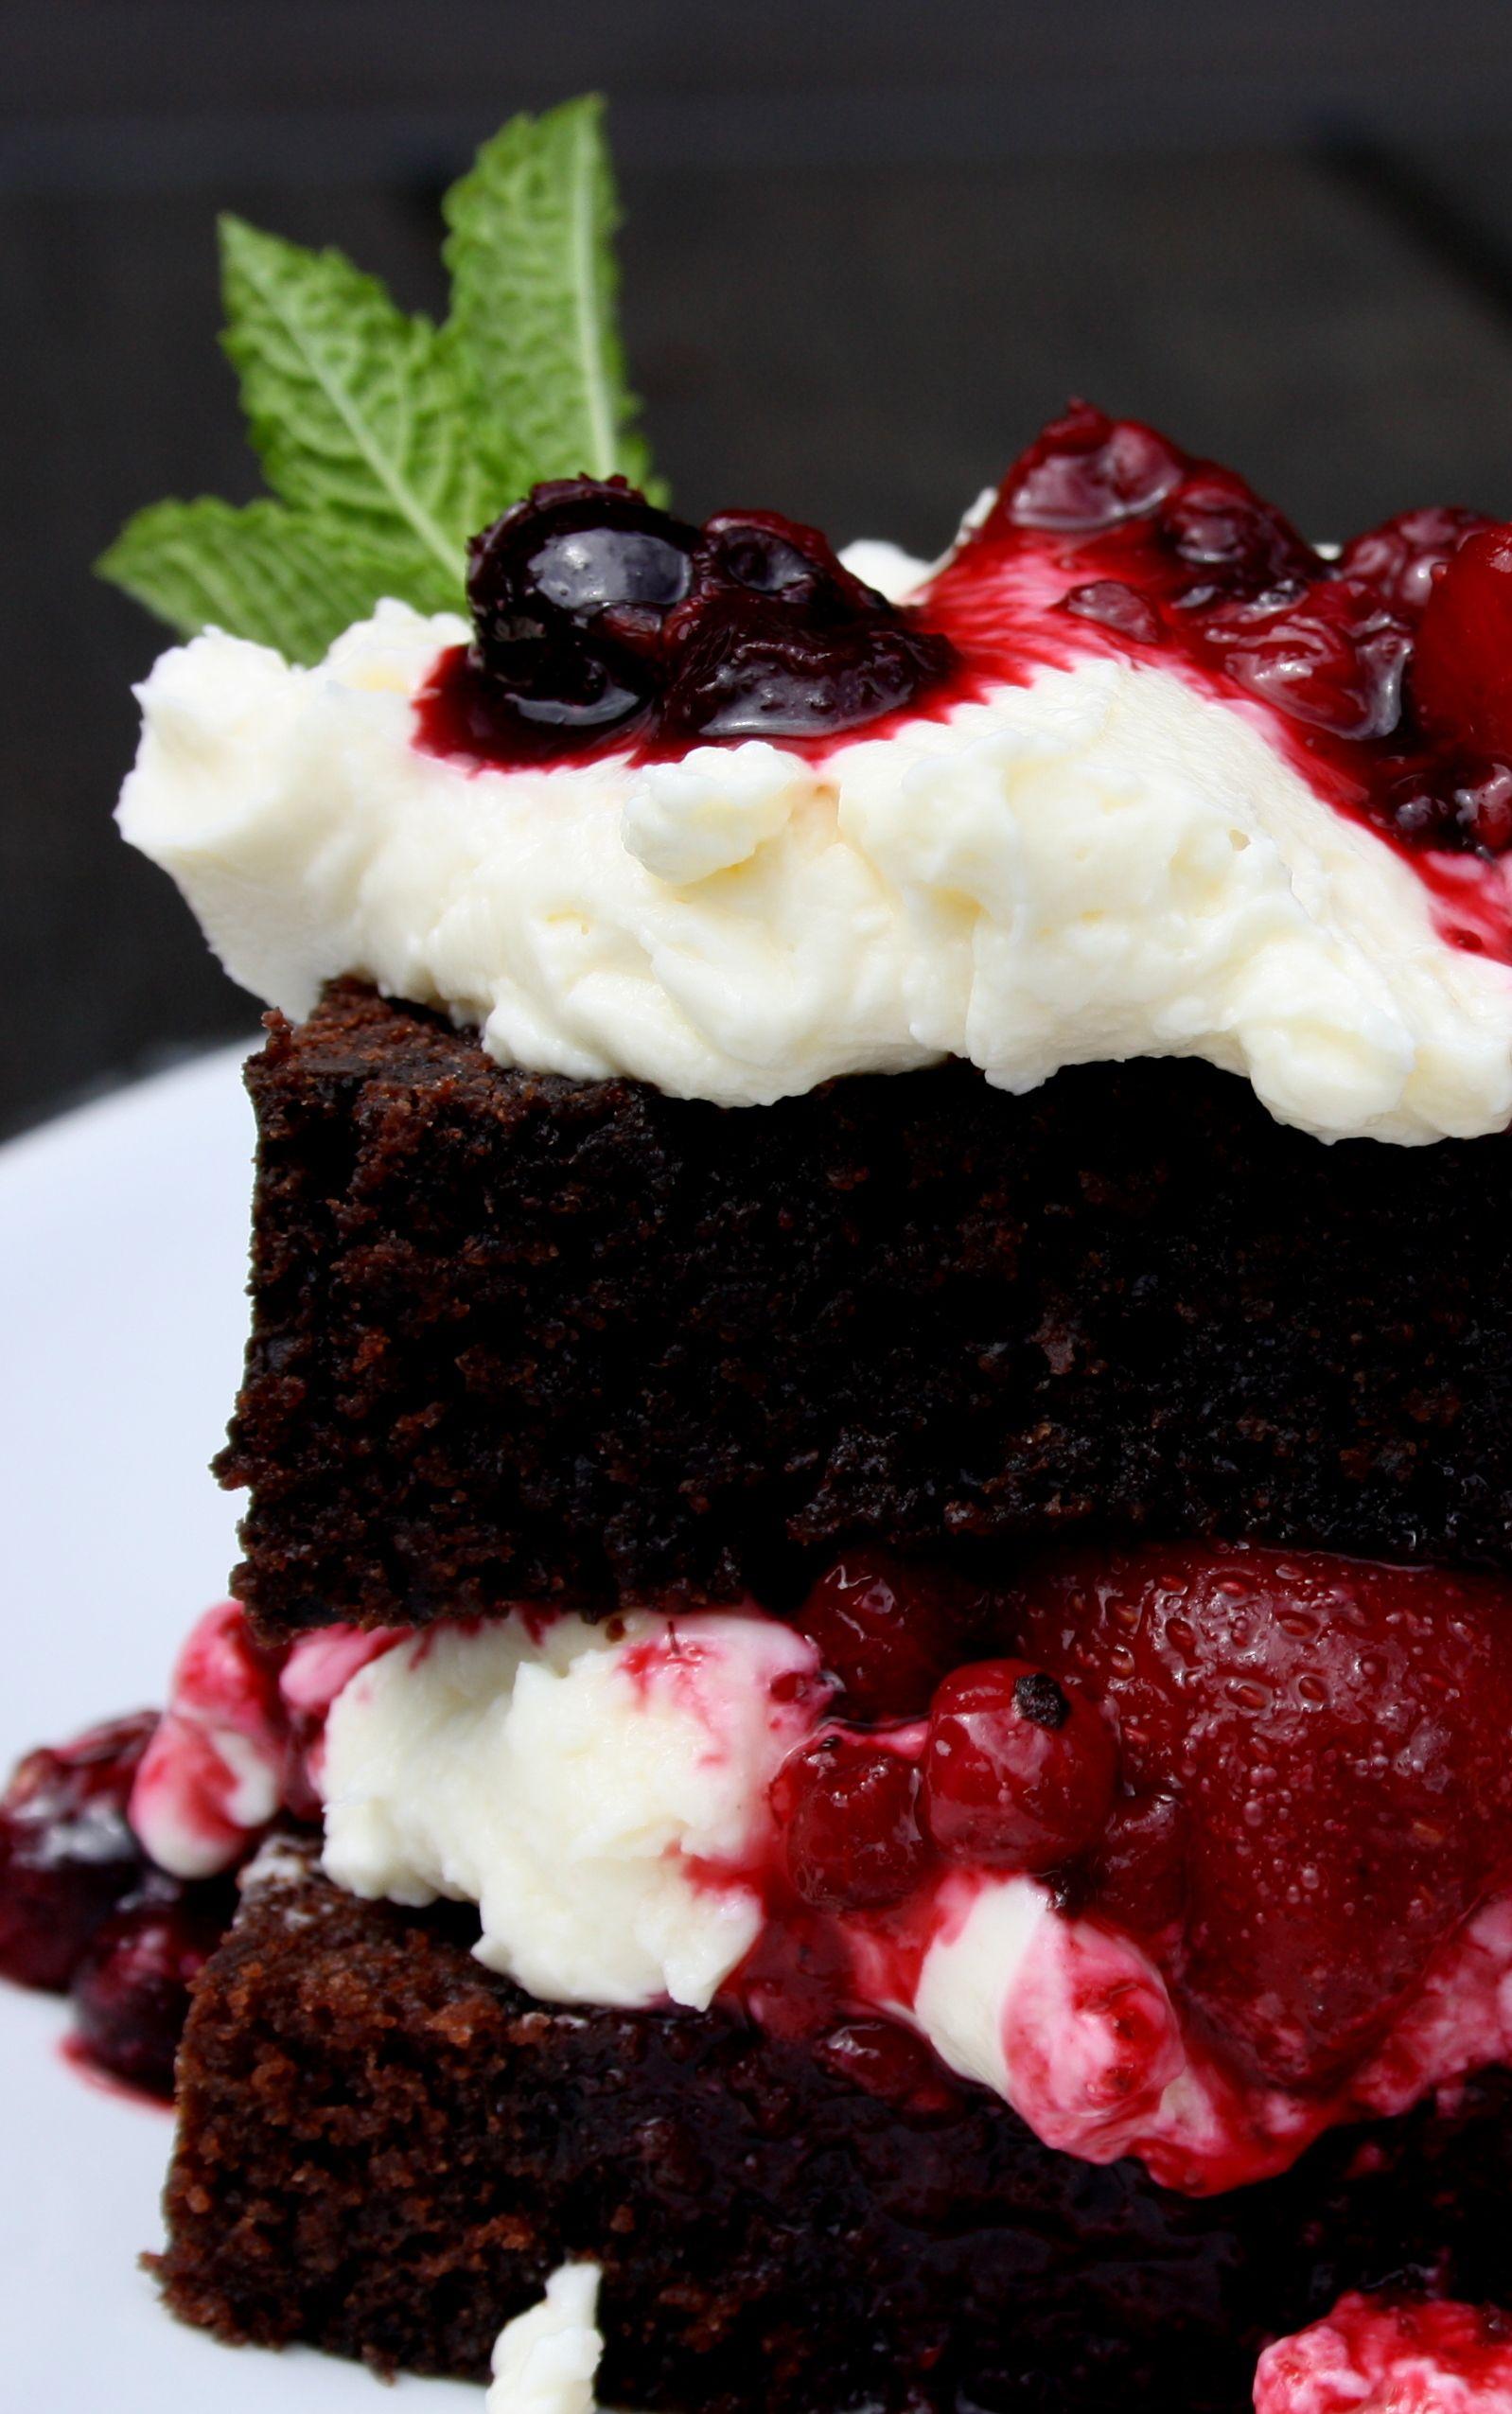 Hier kommt noch ein kleiner Nachtrag zum Supraschokoladigen Schokoladenkuchen! Eine Dessertidee falls etwas vom Kuchen übrig bleibt!